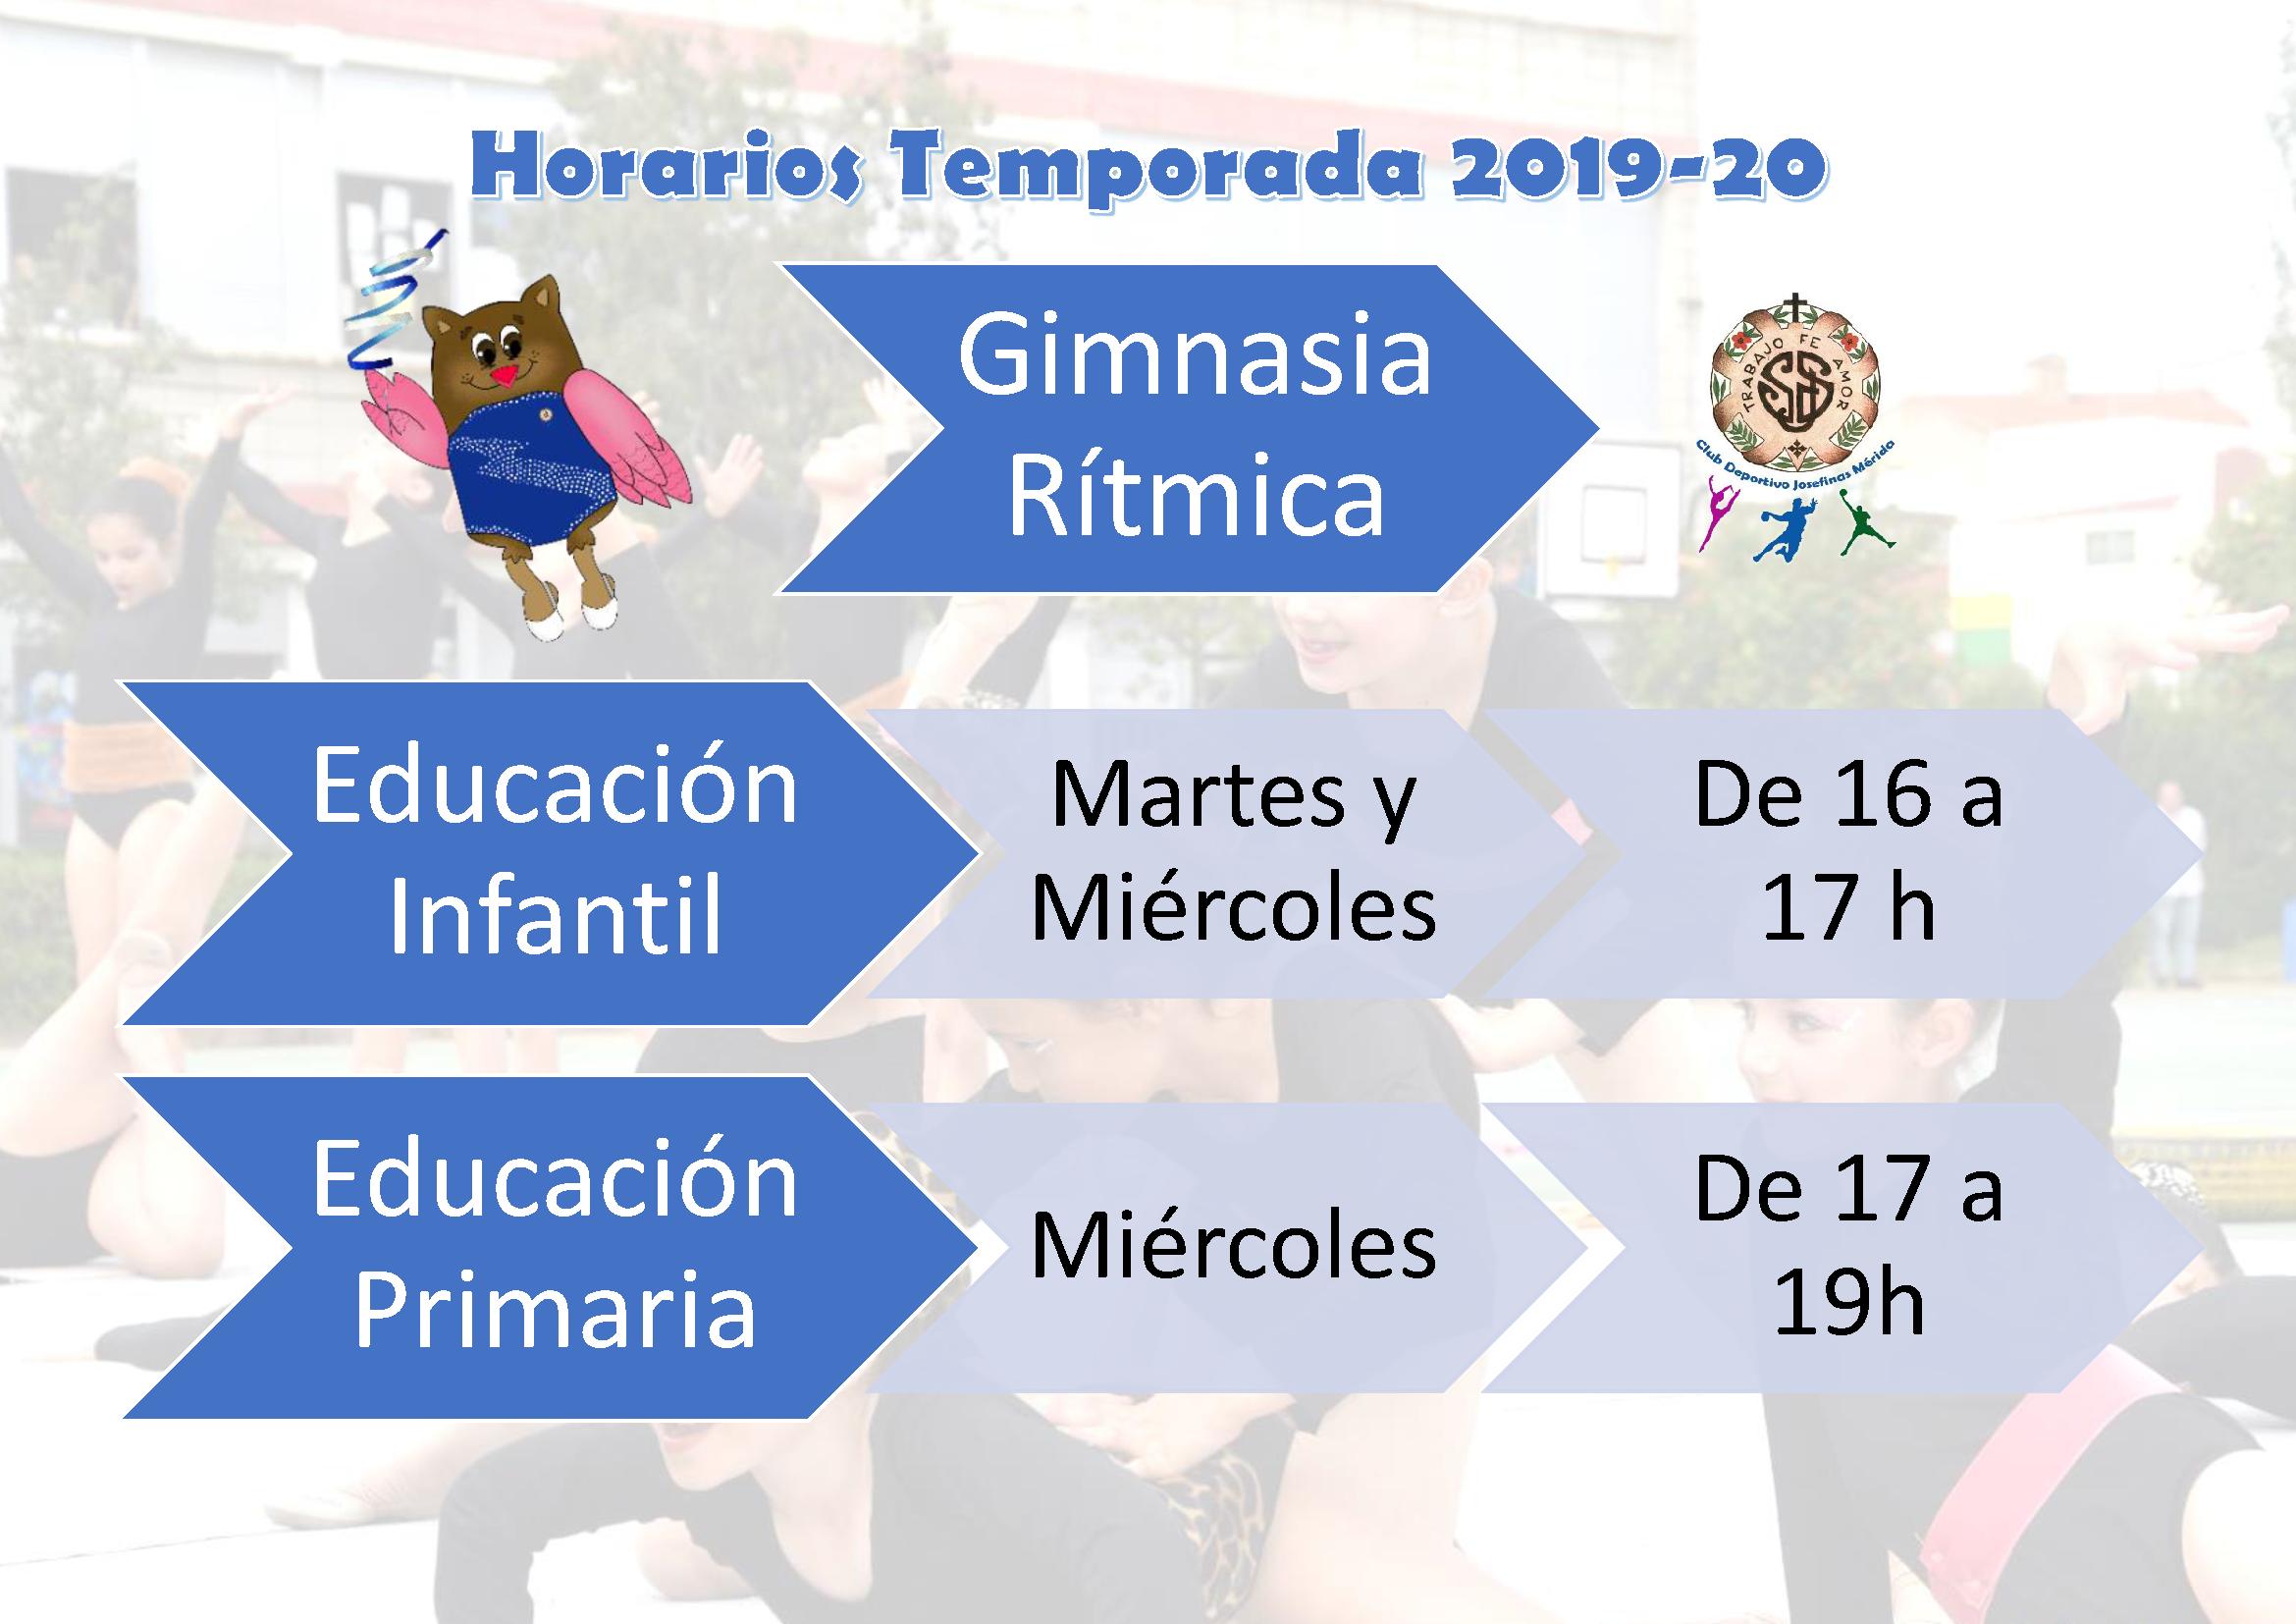 Horarios Gimnasia Temporada 19-20png